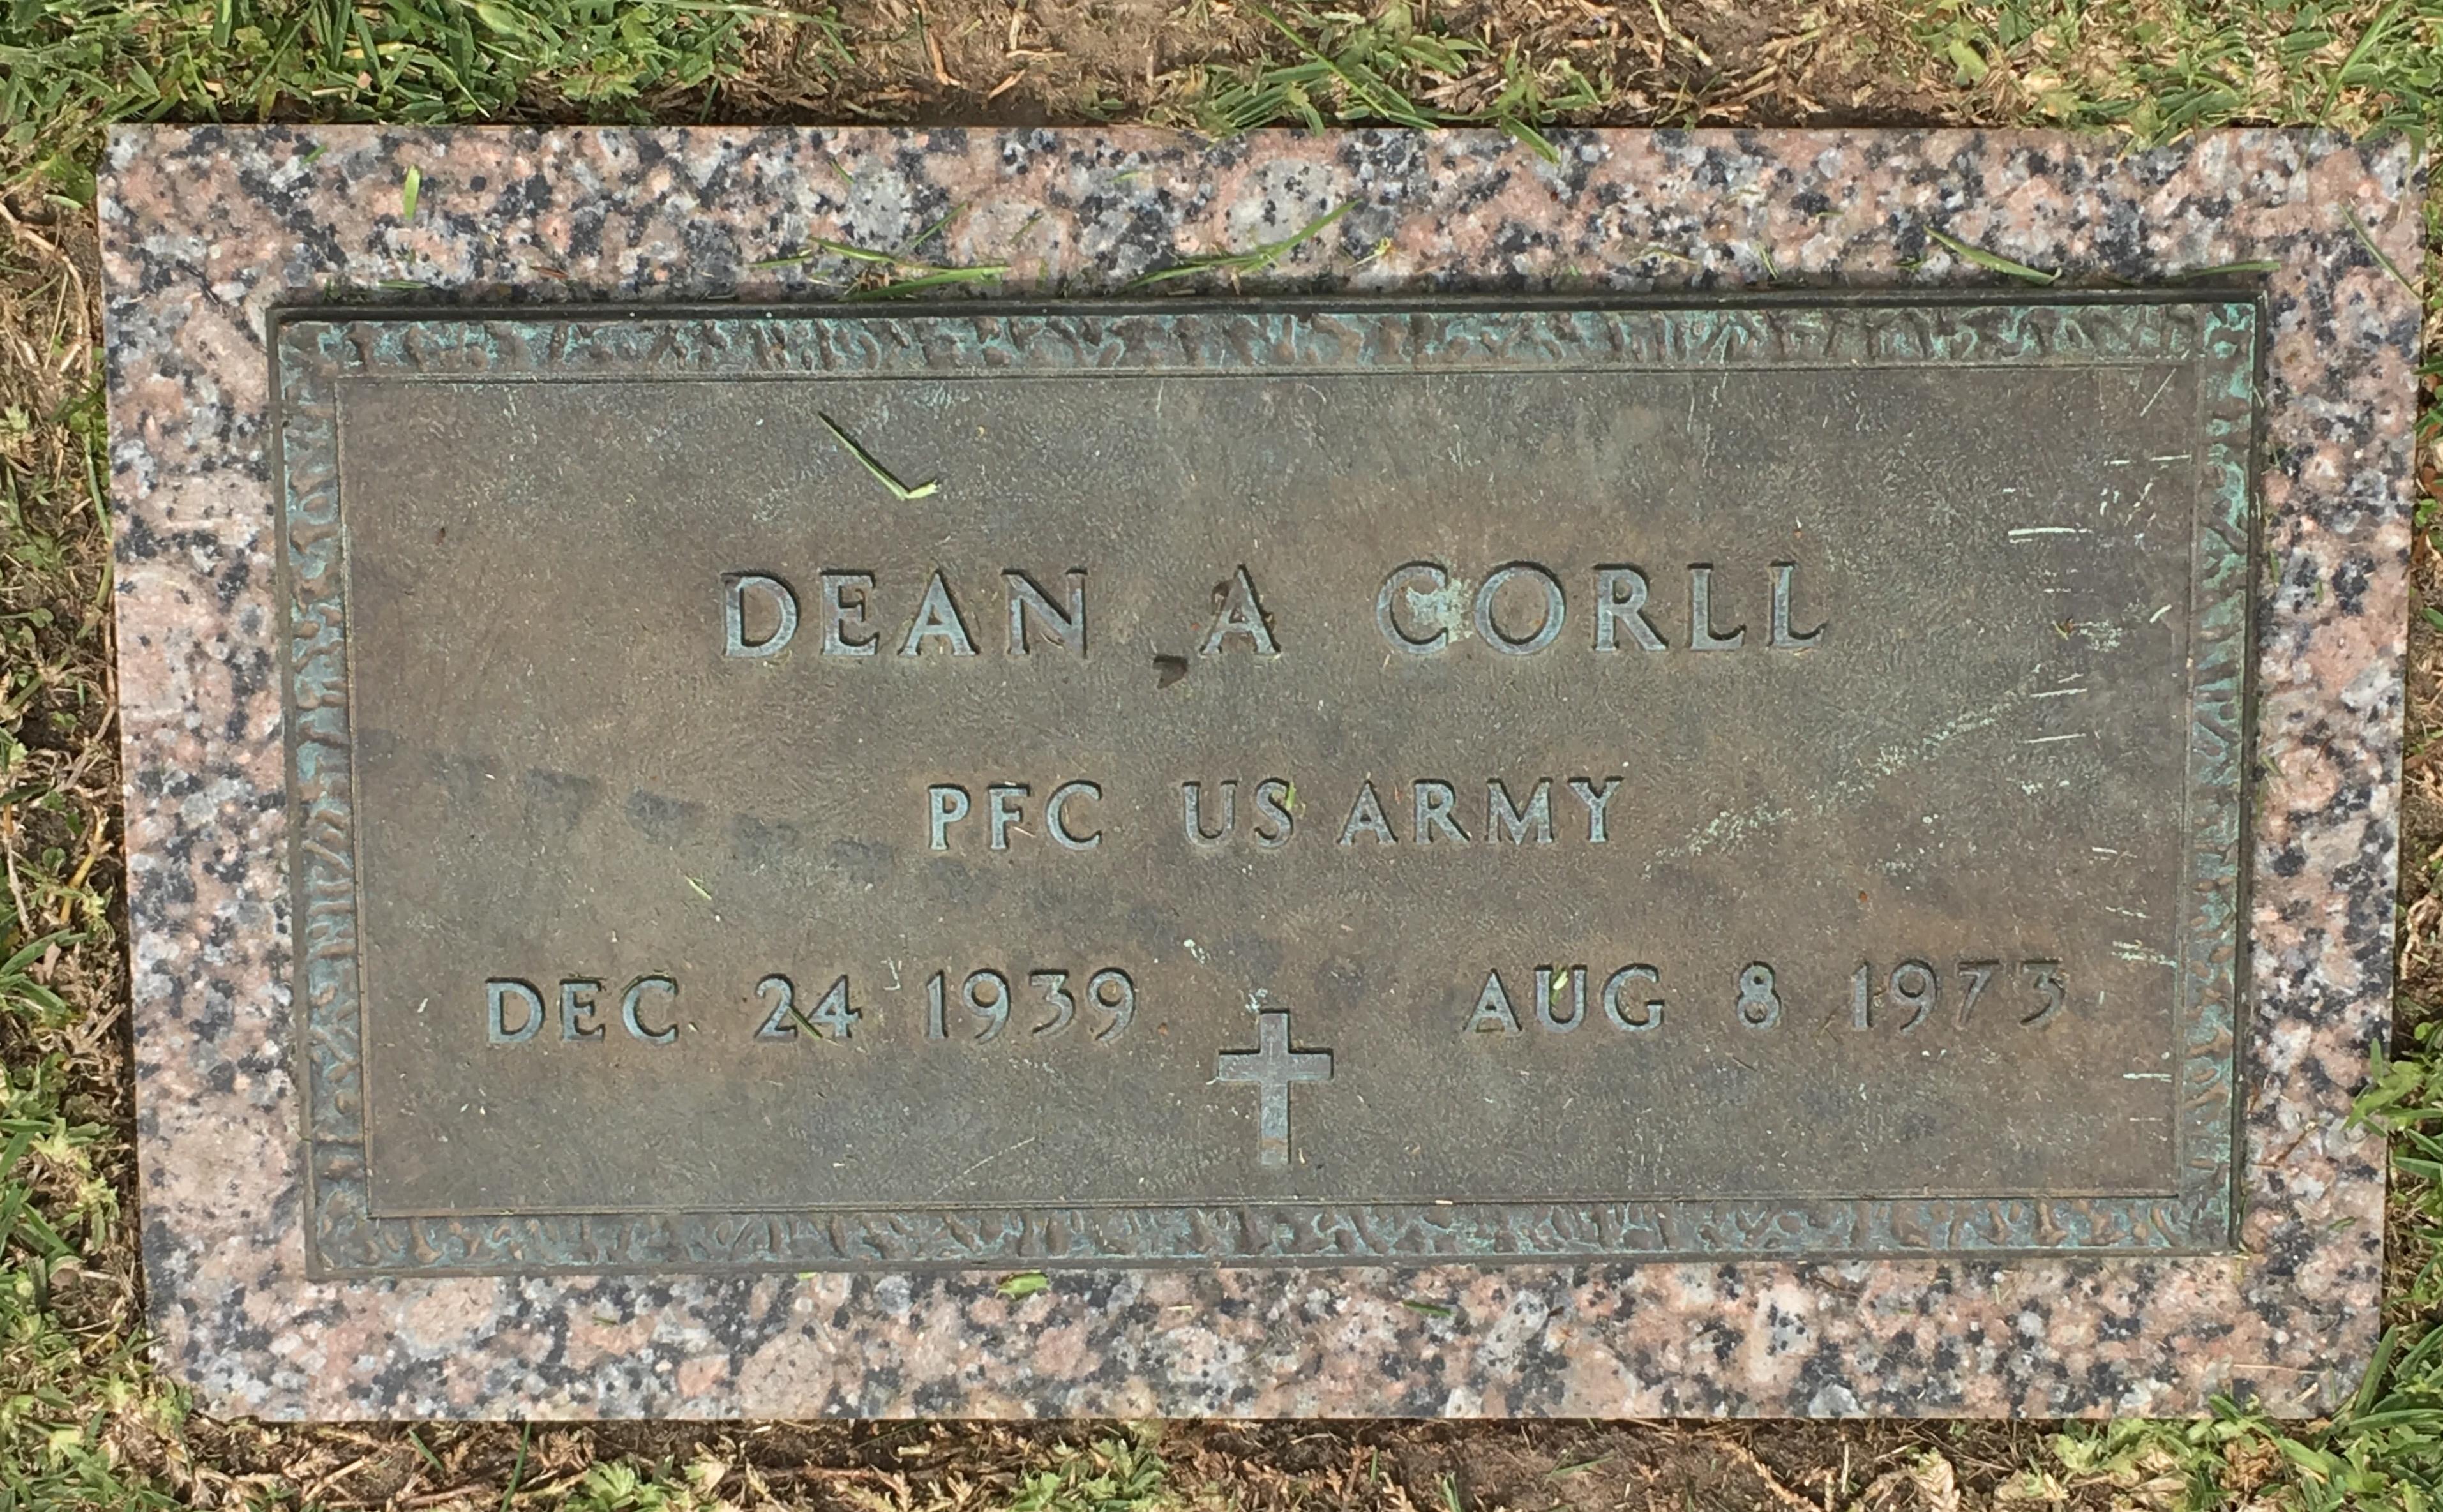 Dean Arnold Corll